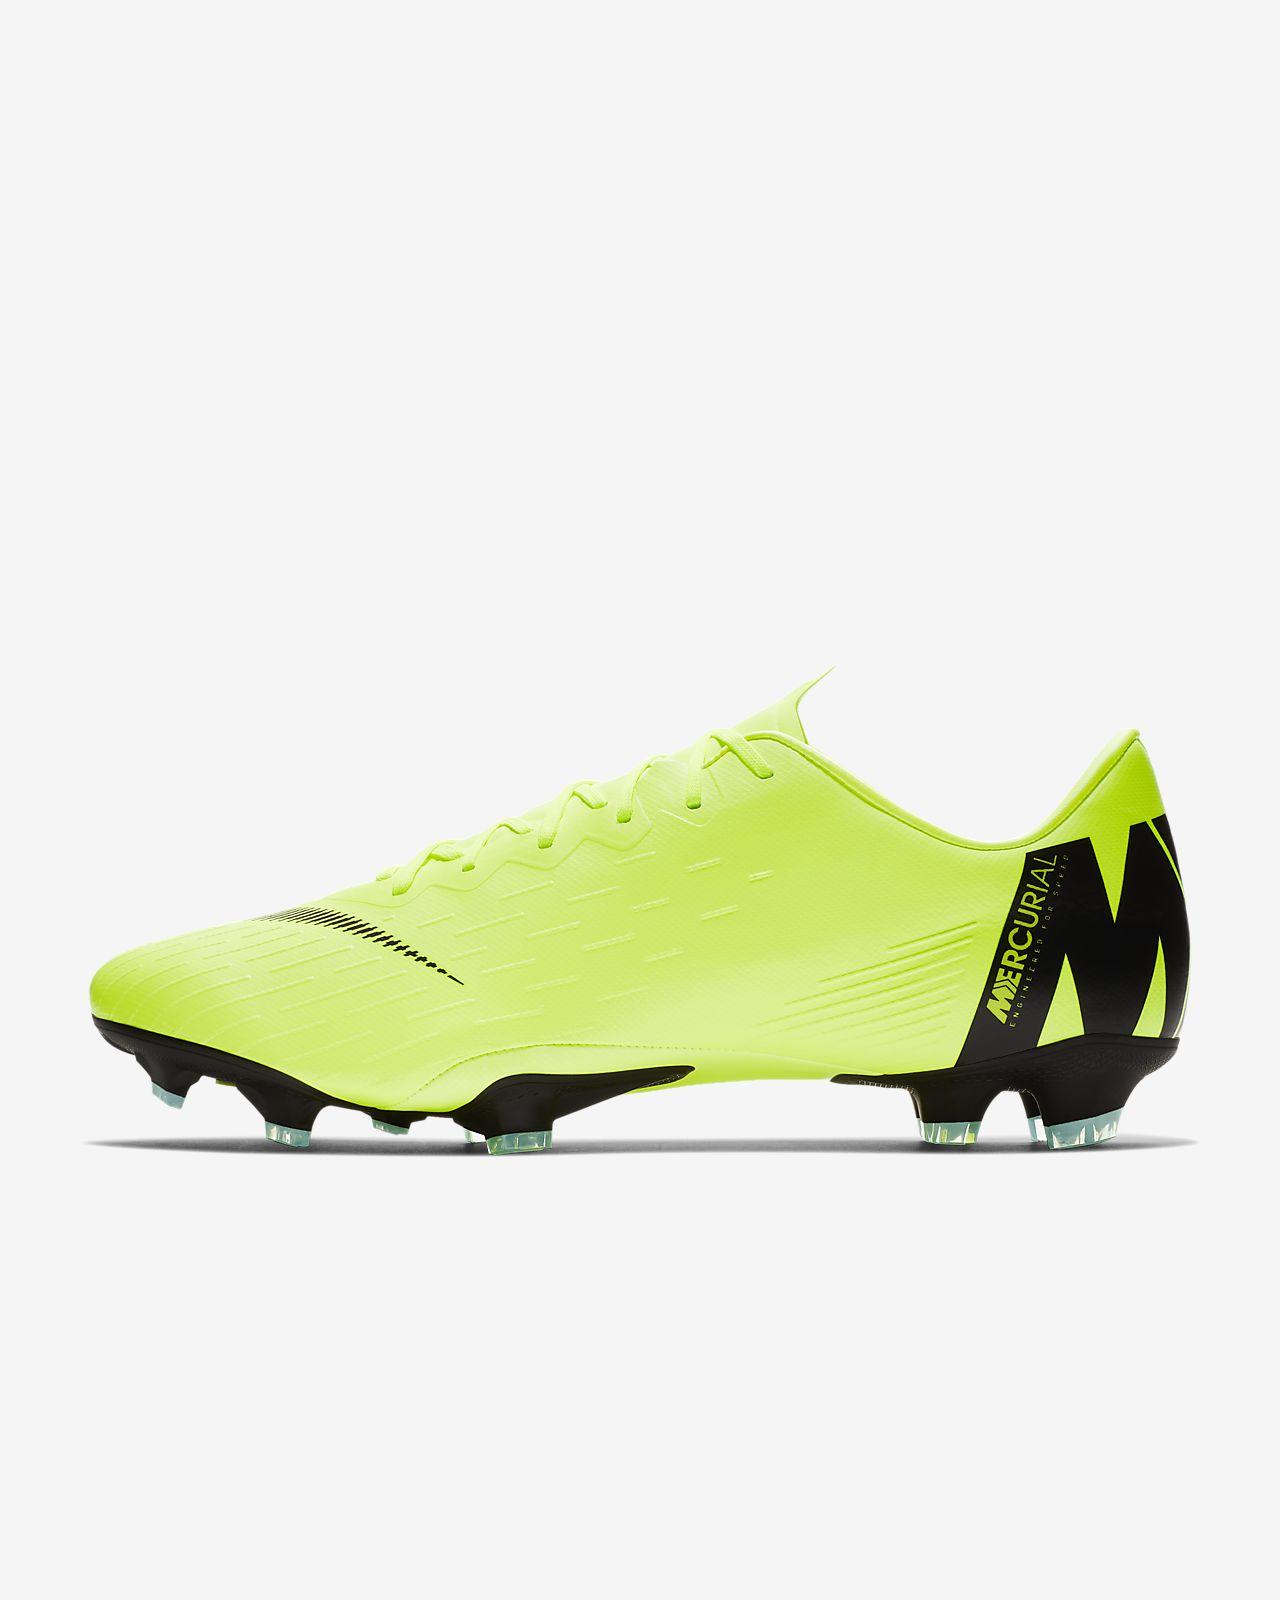 7704770e405 ... inexpensive nike mercurial vapor xii pro botas de fútbol para terreno  firme 44e37 68c39